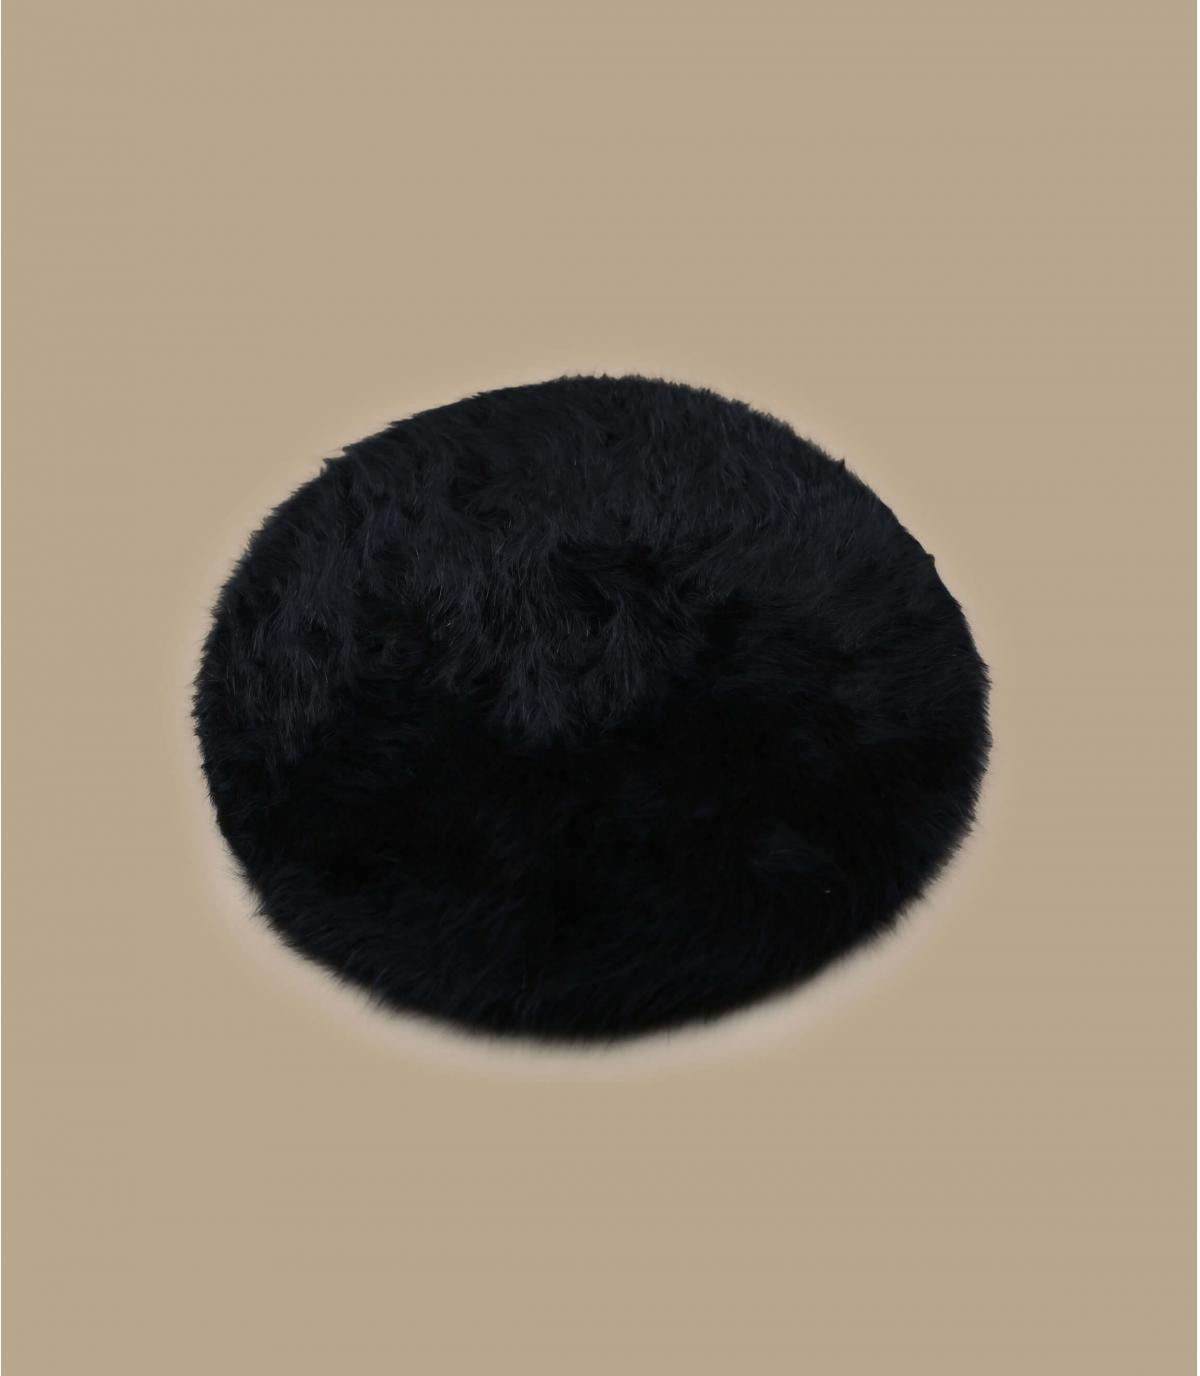 Détails Beret angora noir - image 2